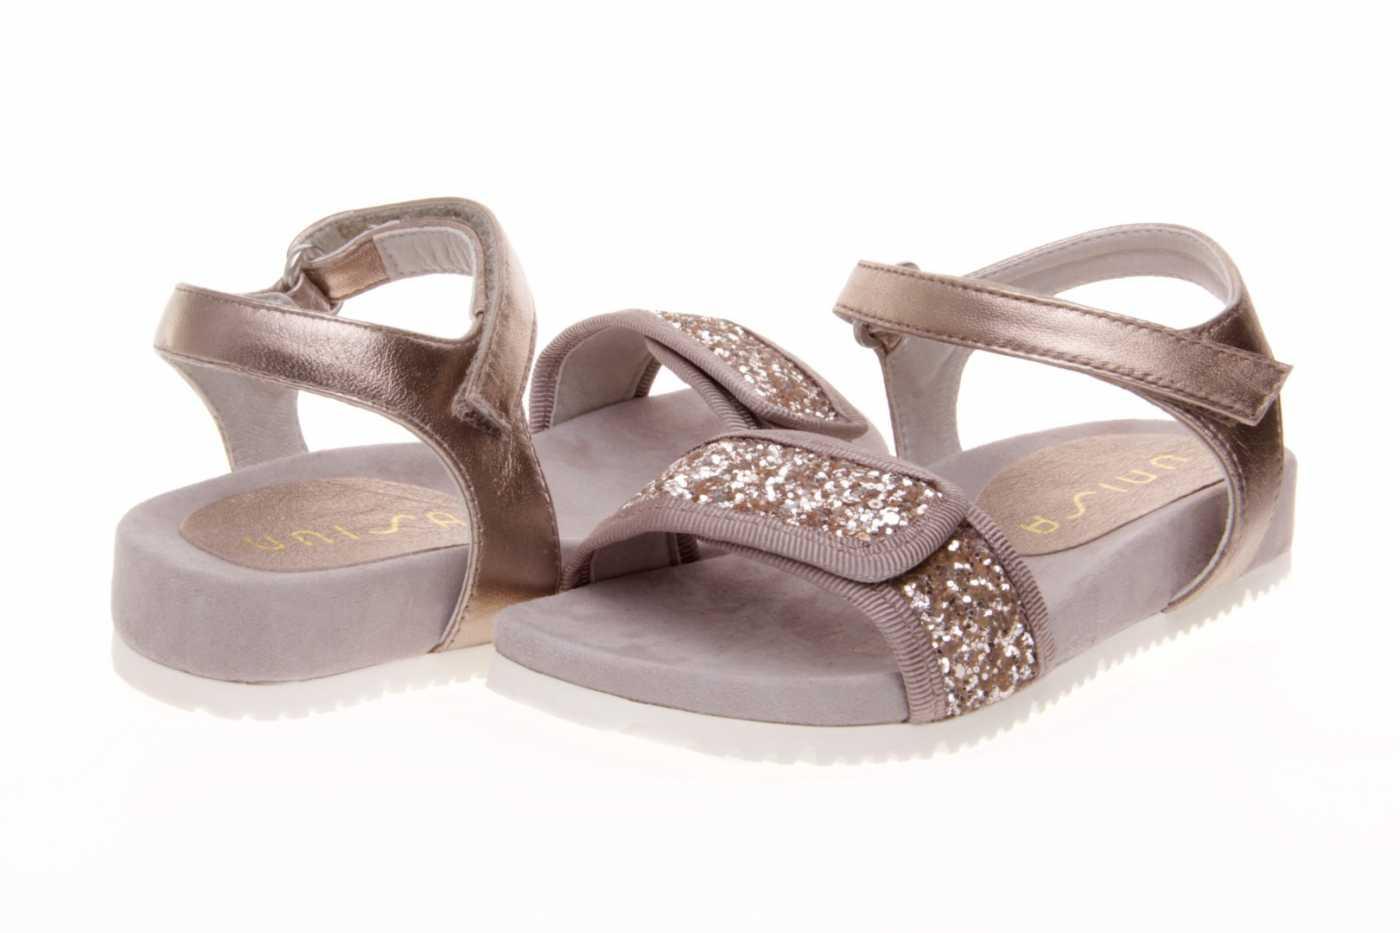 4915d8c40 Comprar zapato tipo JOVEN NIÑA estilo SANDALIA COLOR ORO GLITTER ...